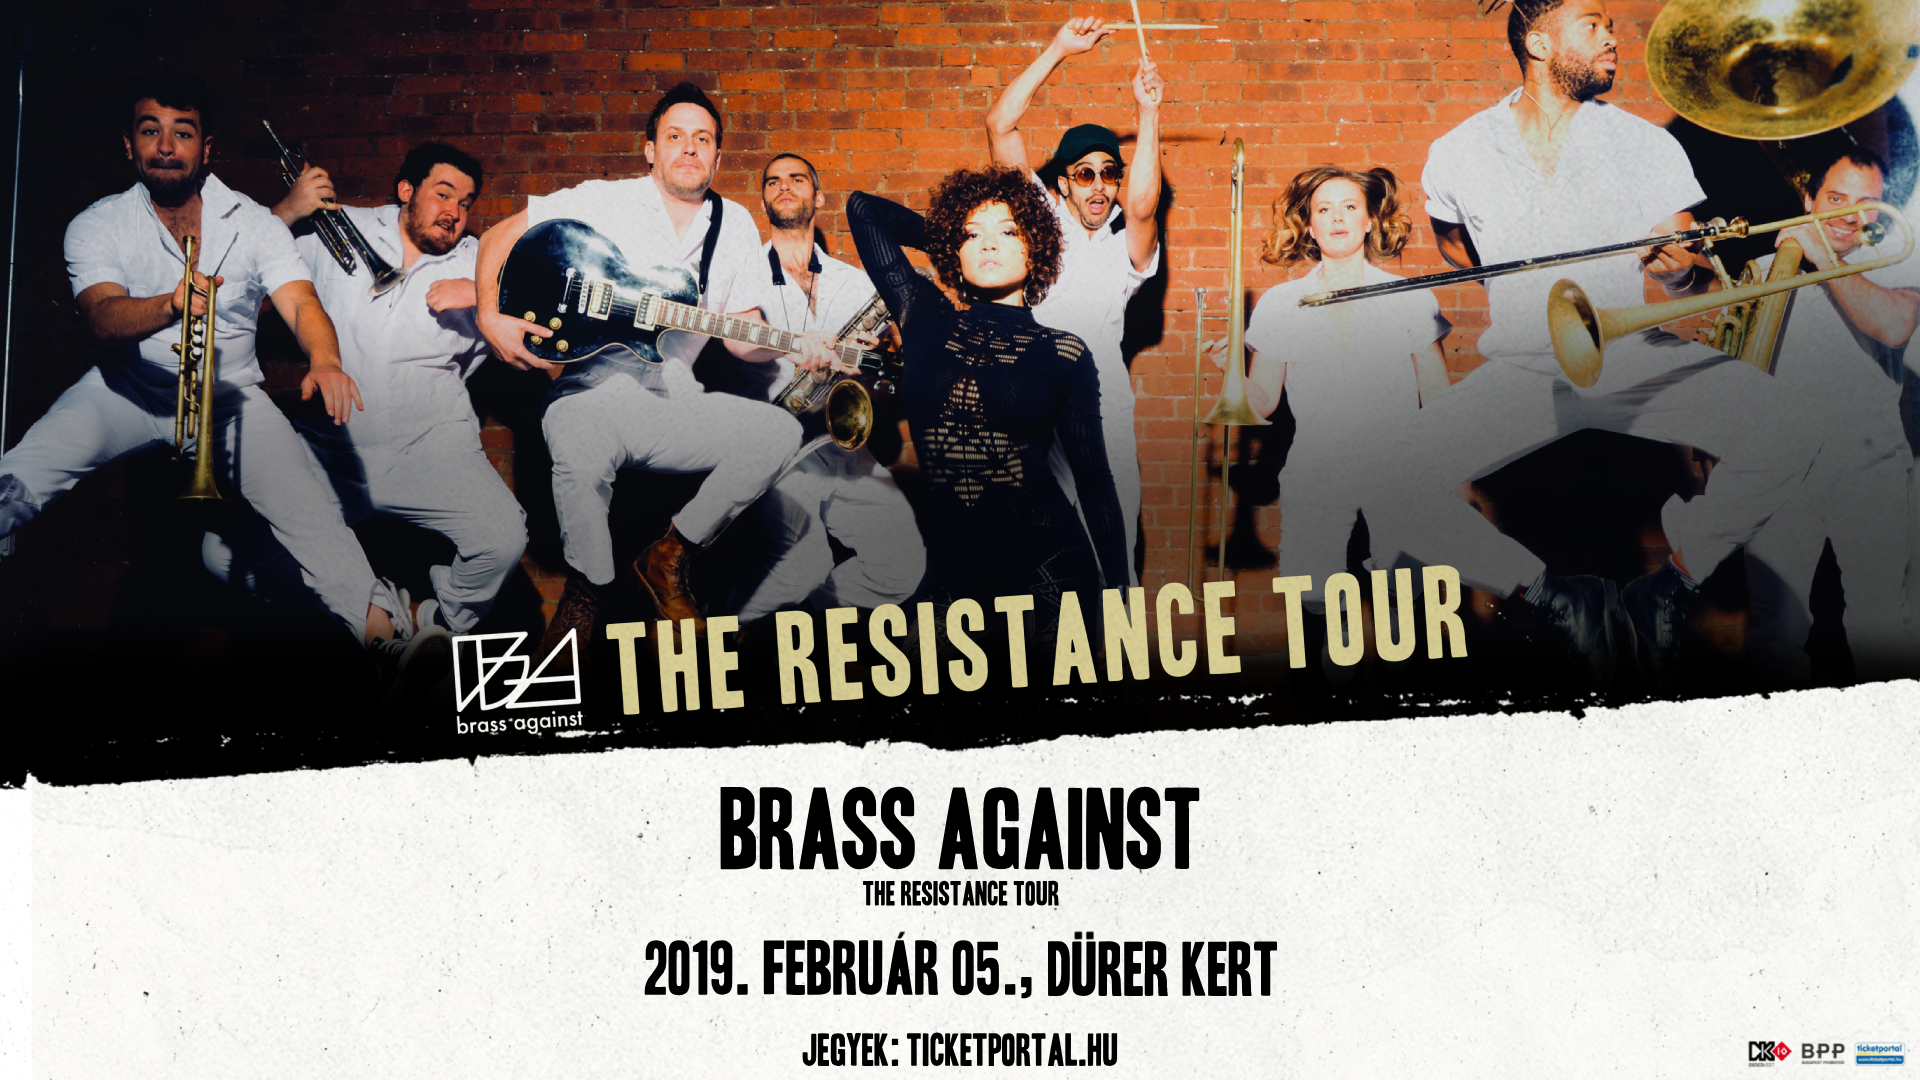 brass_against_budapest_bpp_1920x1080.jpg